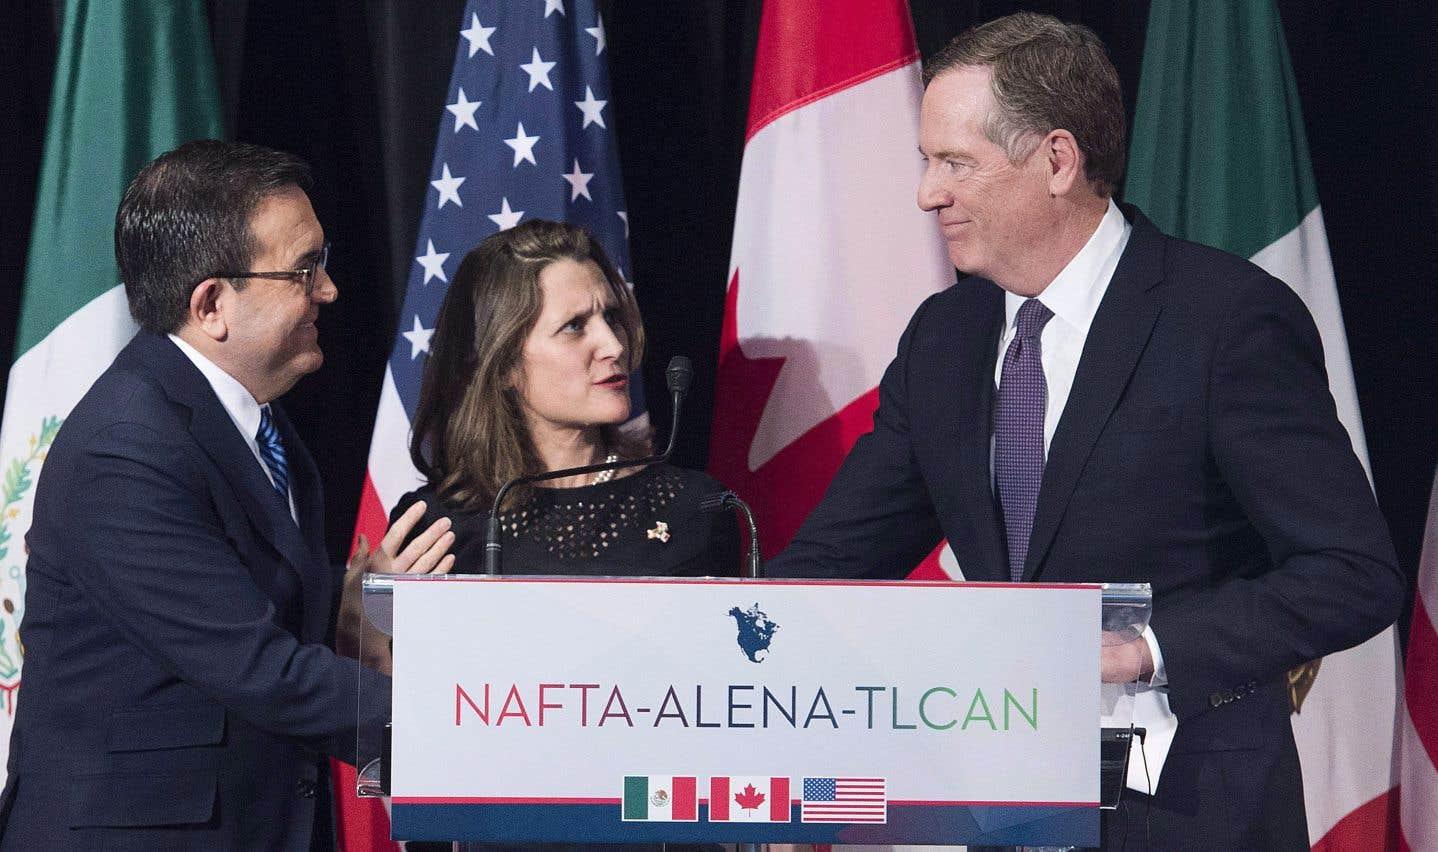 ALENA: les Canadiens ont bon espoir de pouvoir se défendre